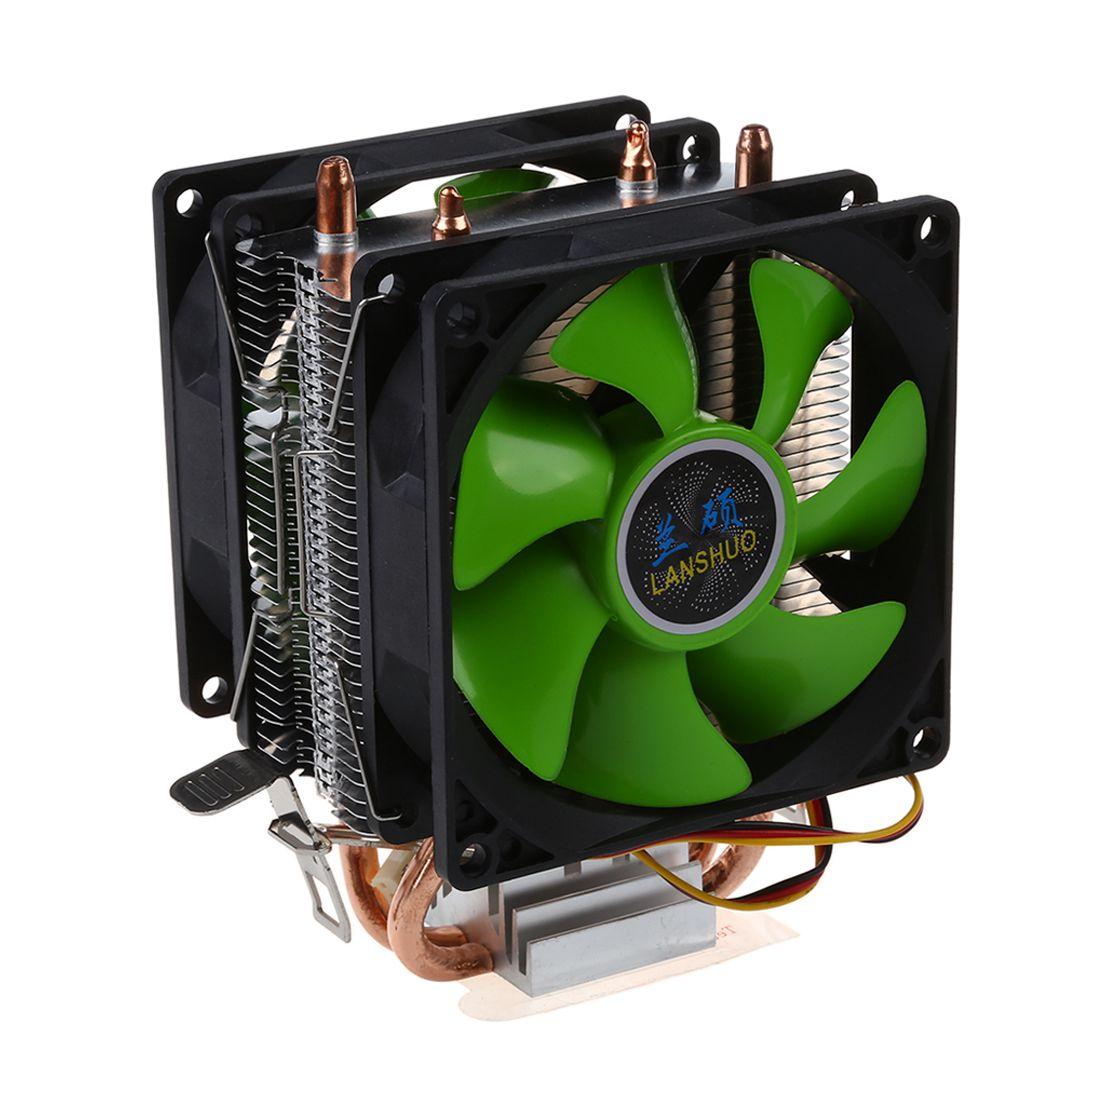 CPU cooler Silent Fan For Intel LGA775 / 1156/1155 AMD AM2 / AM2 + / AM3